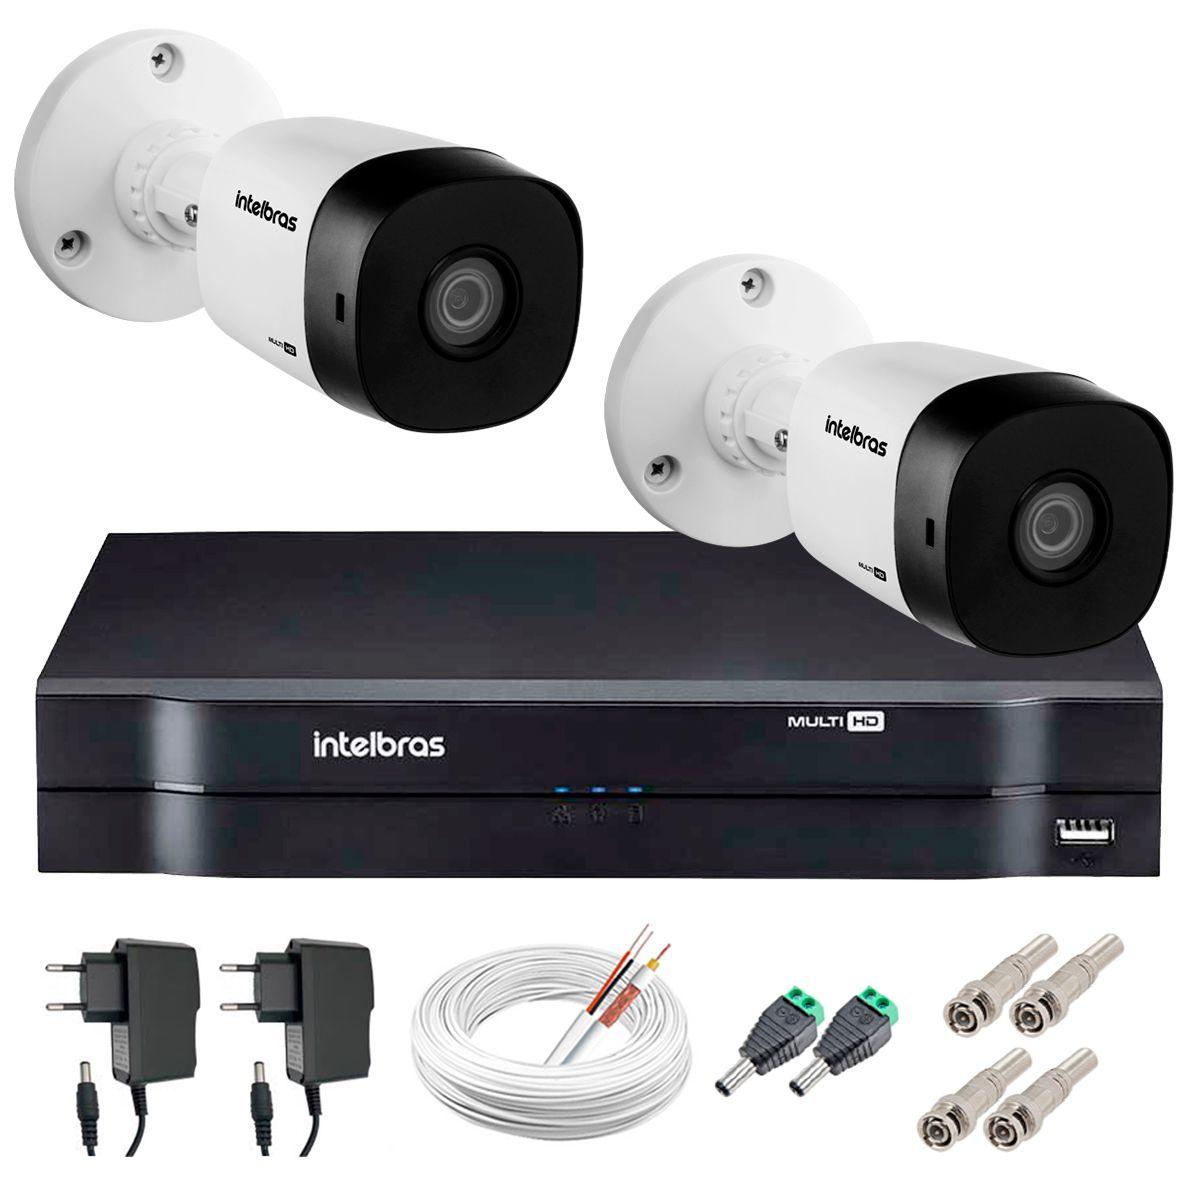 Kit 2 Câmeras VHD 1010 B G5 + DVR Intelbras + App Grátis de Monitoramento, Câmeras HD 720p 10m Infravermelho de Visão Noturna Intelbras + Fonte, Cabos e Acessórios  - Tudo Forte